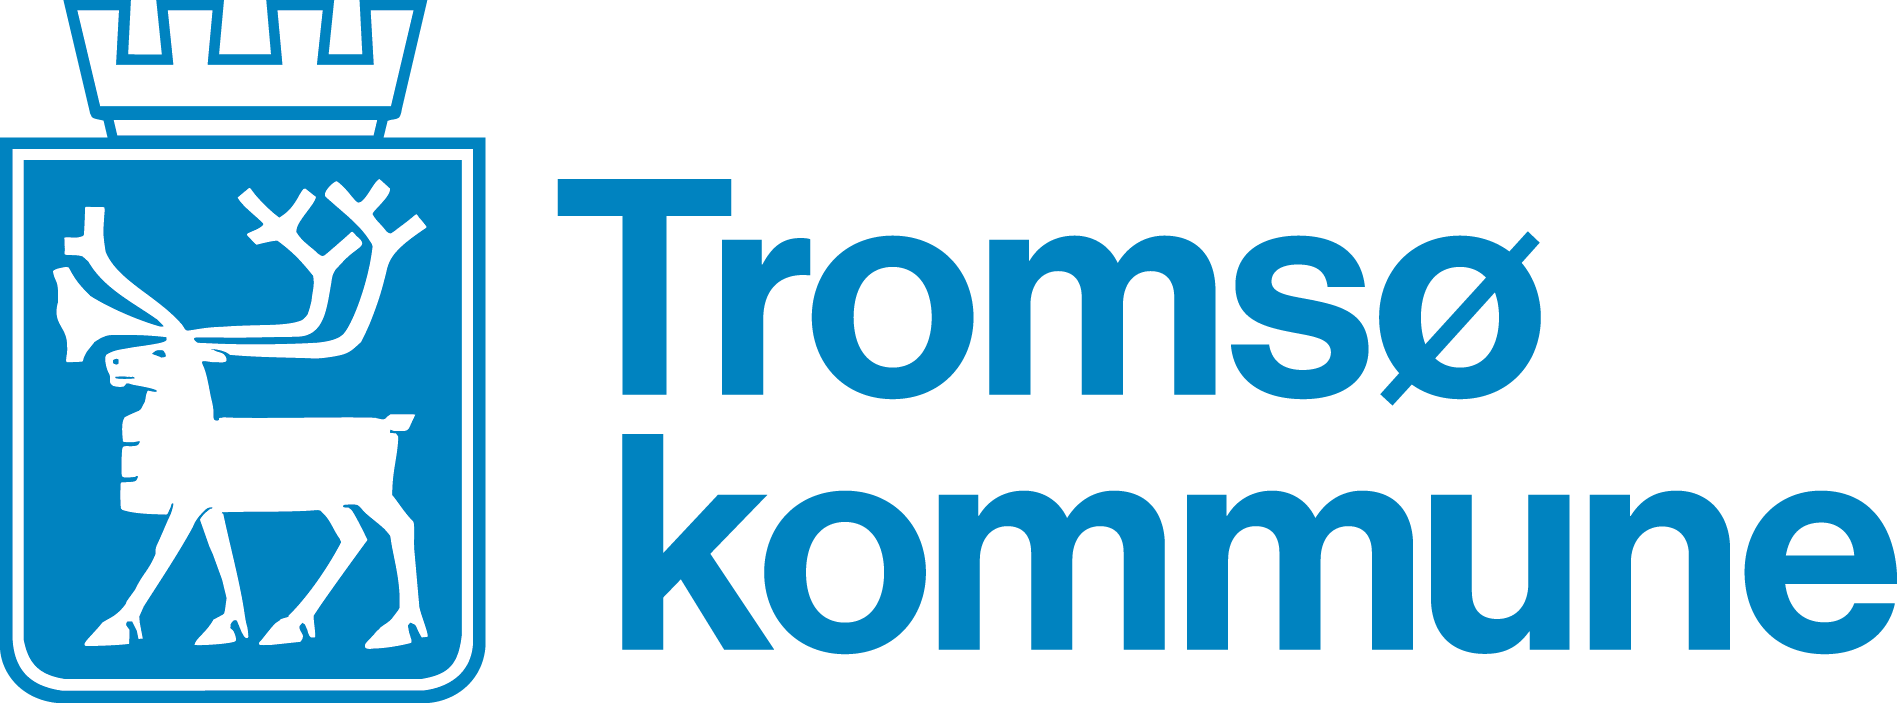 TromsoKommune_HOVEDLOGO_FARGE_transp